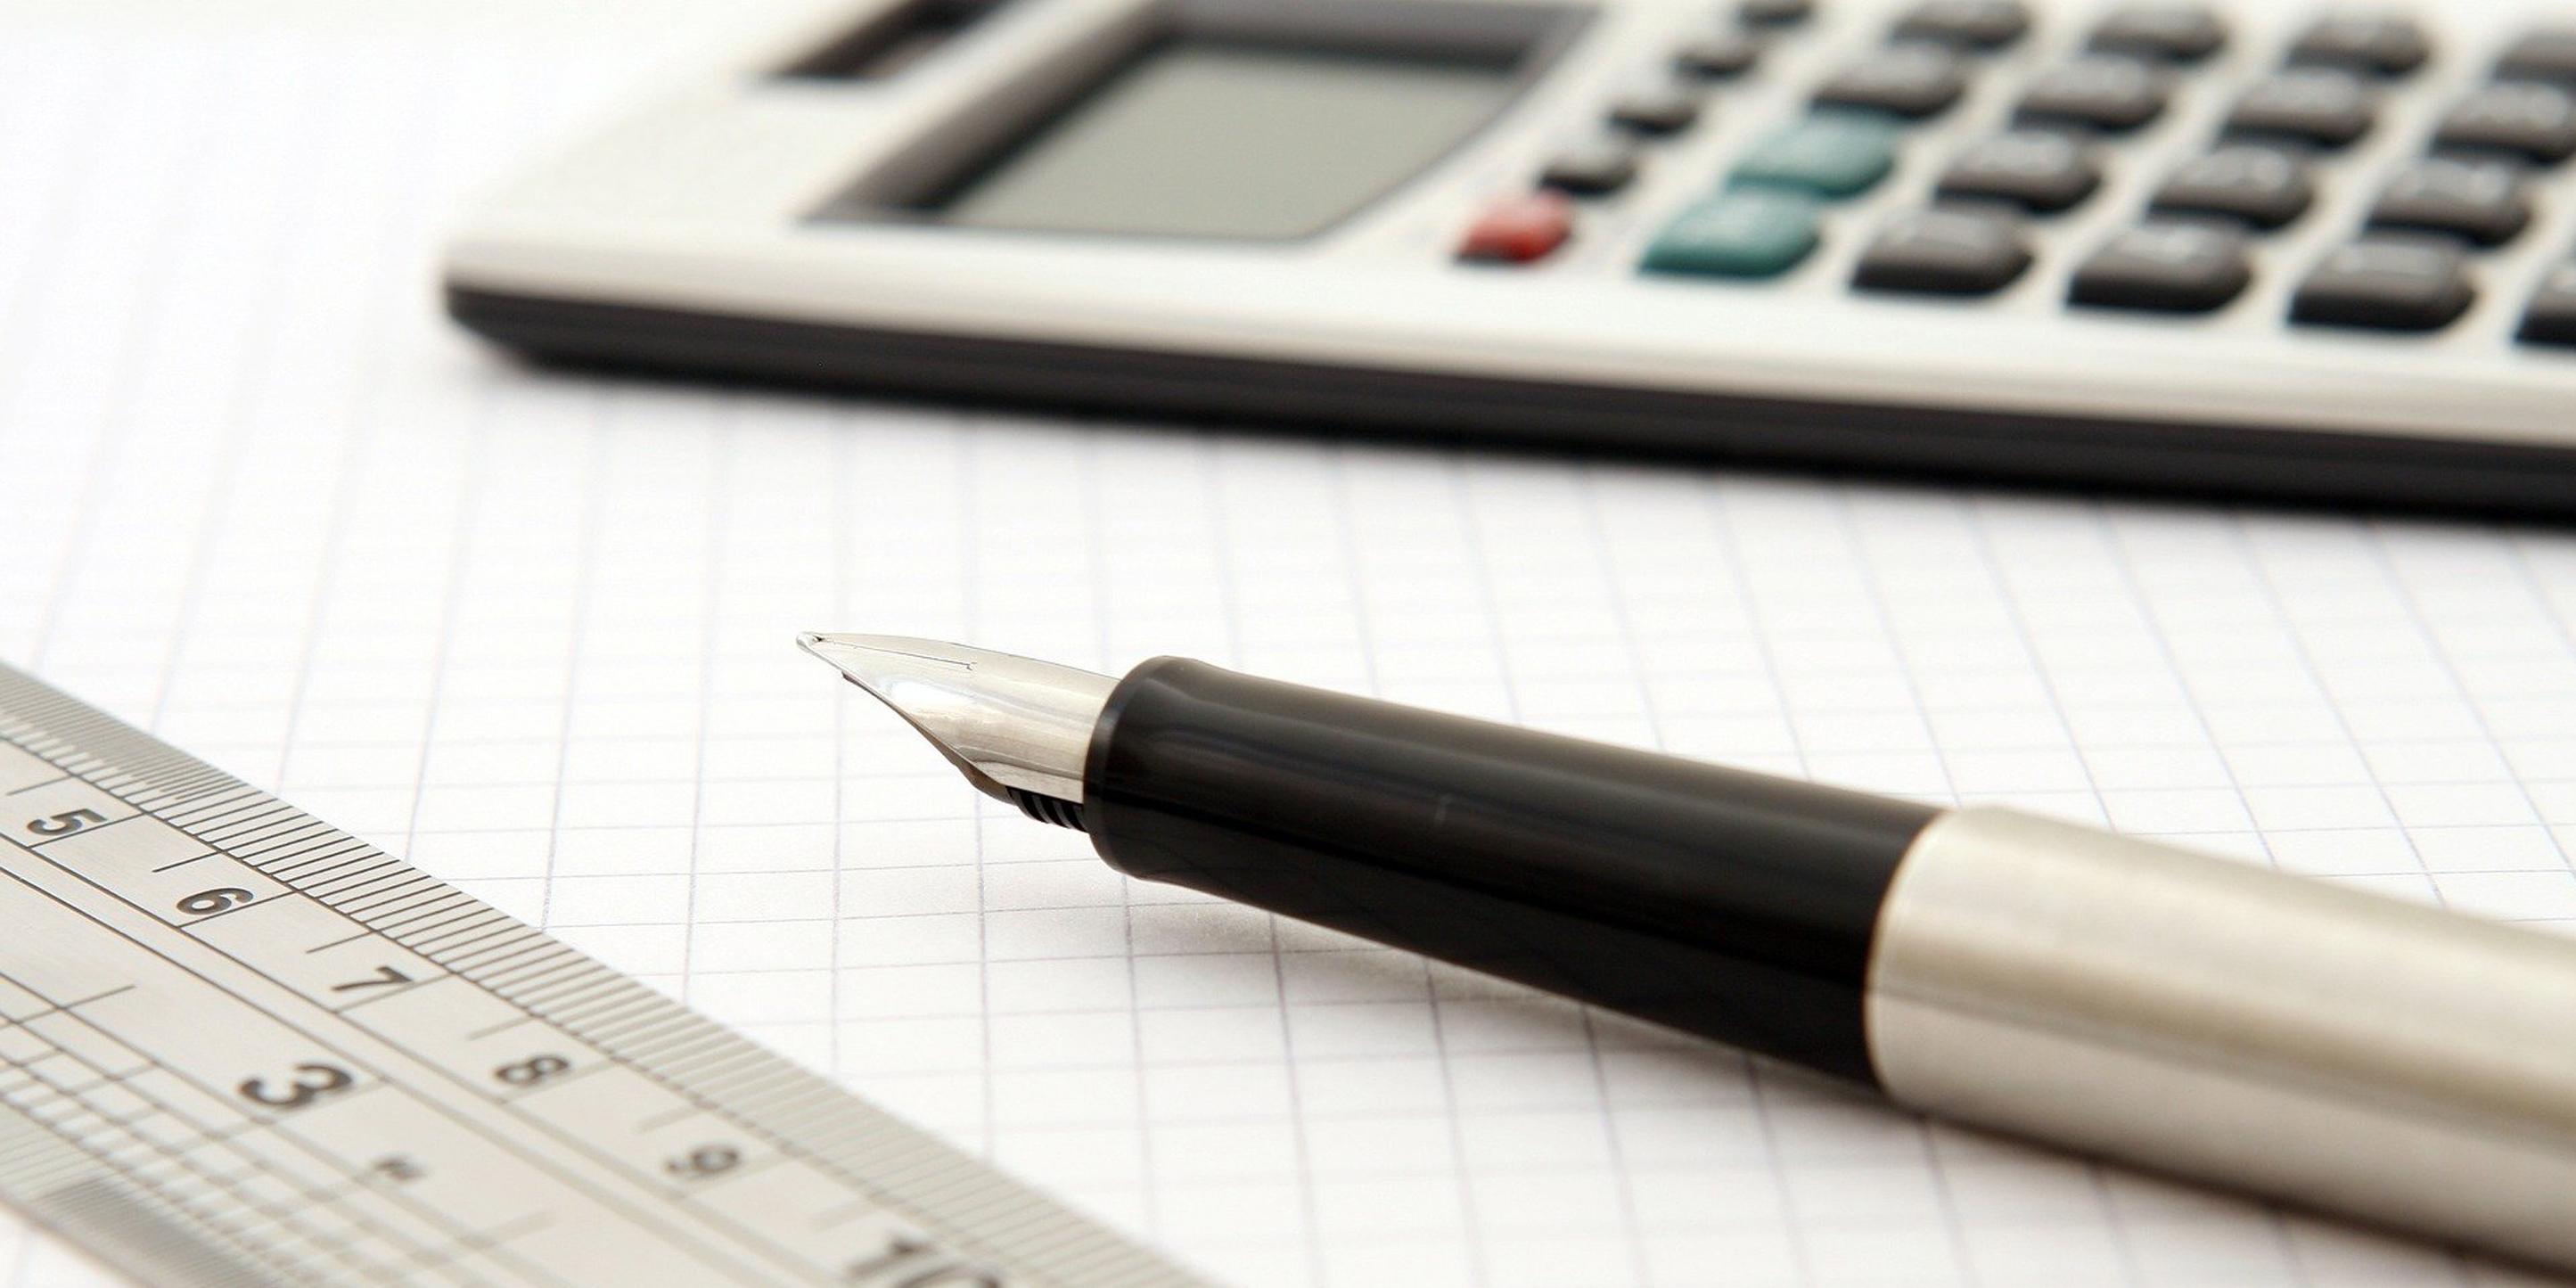 Auf einem karierten Blatt Papier liegen ein Taschenrechner, ein Lineal und ein Füllfederhalter.